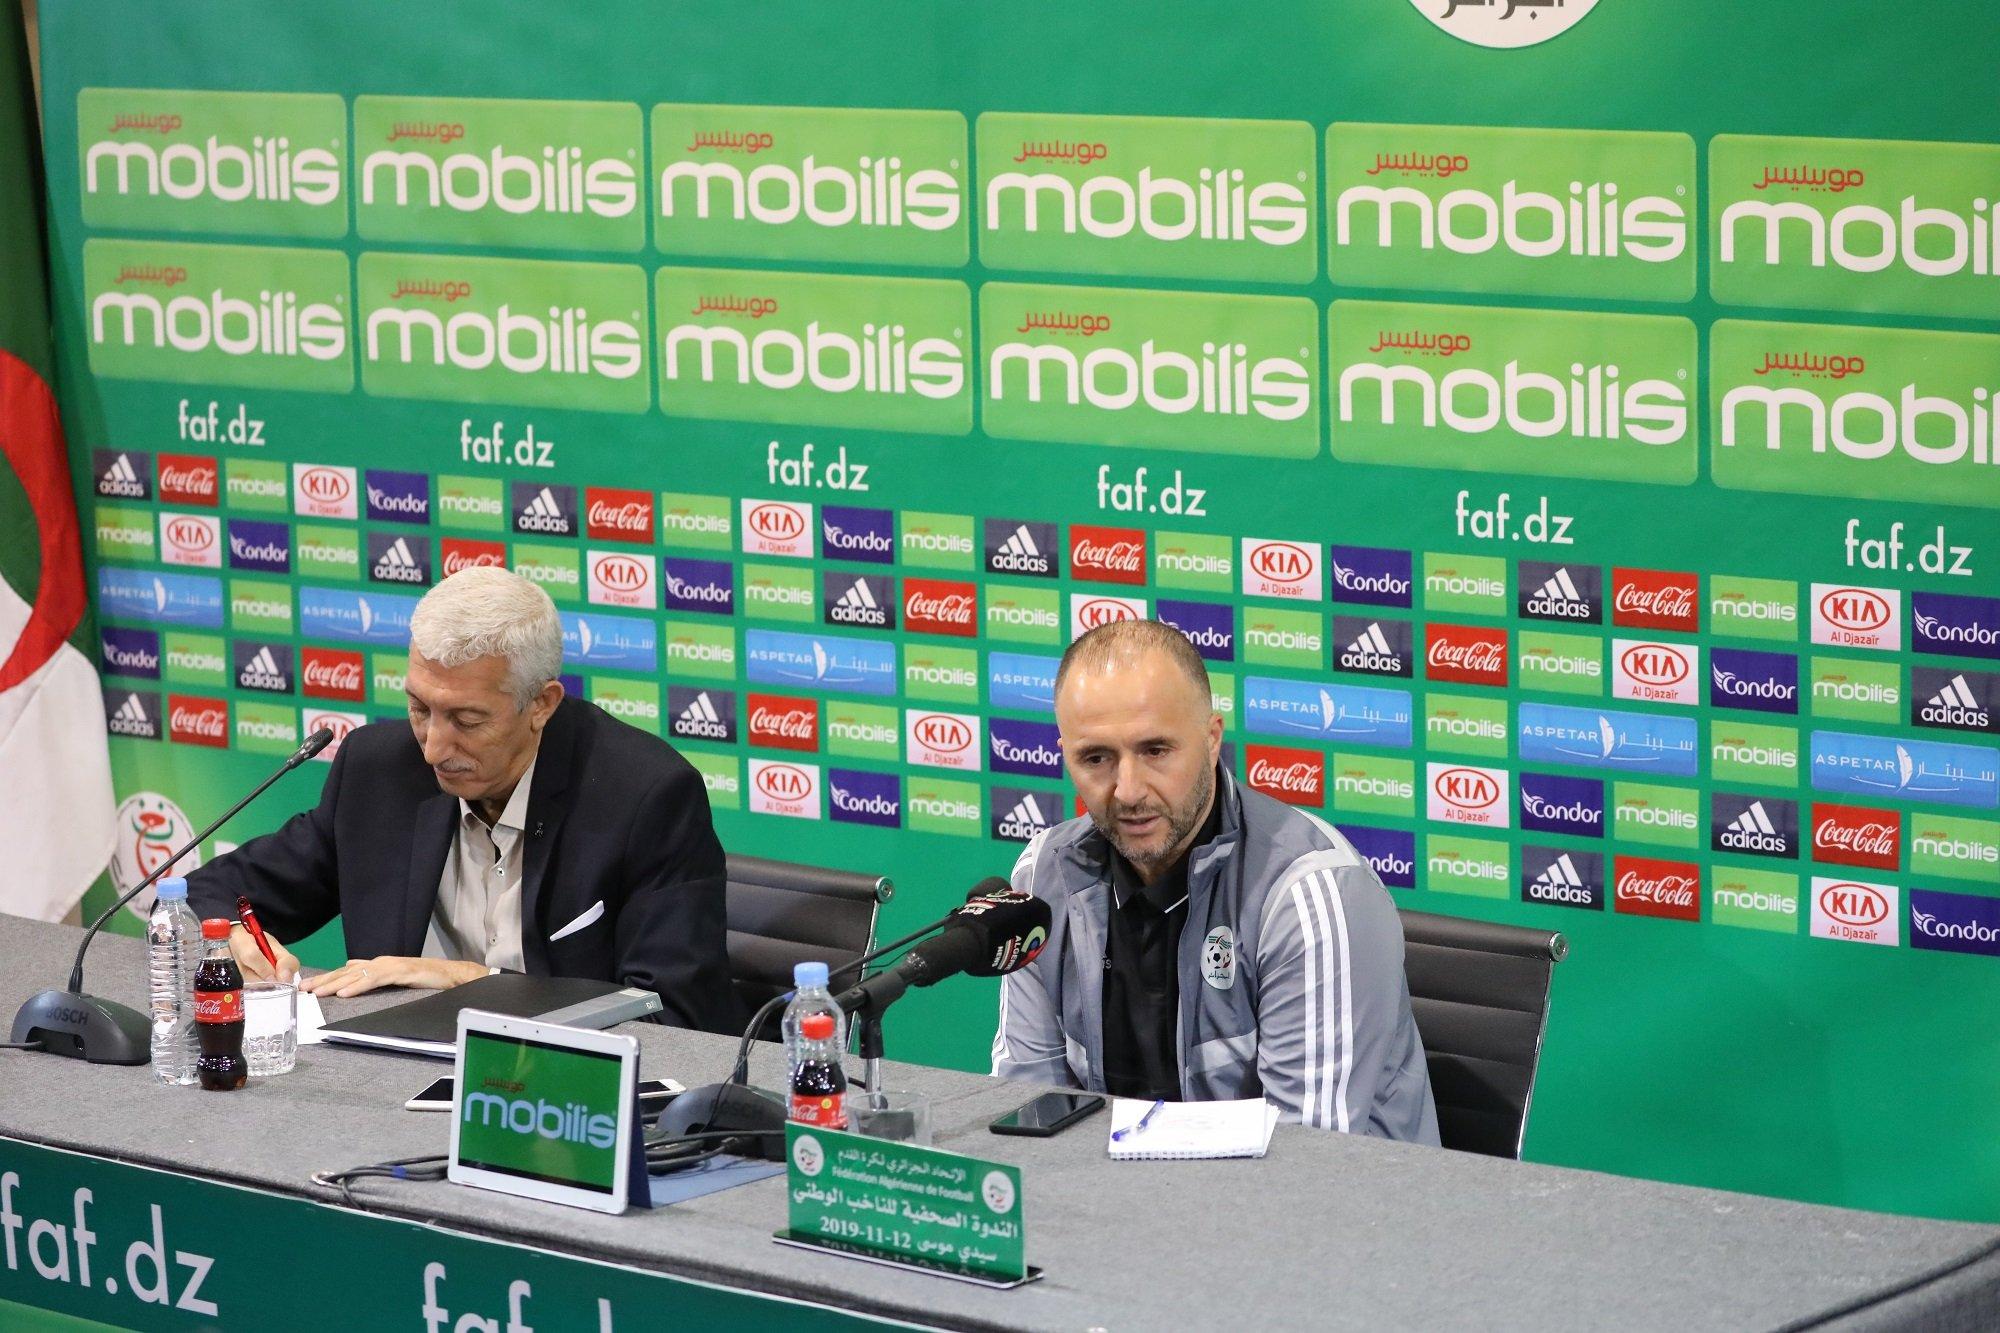 أهم ما جاء في الندوة الصحفية للمدرب الوطني جمال بلماضي بعد مباراة الجزائر 5-0 زامبيا 25